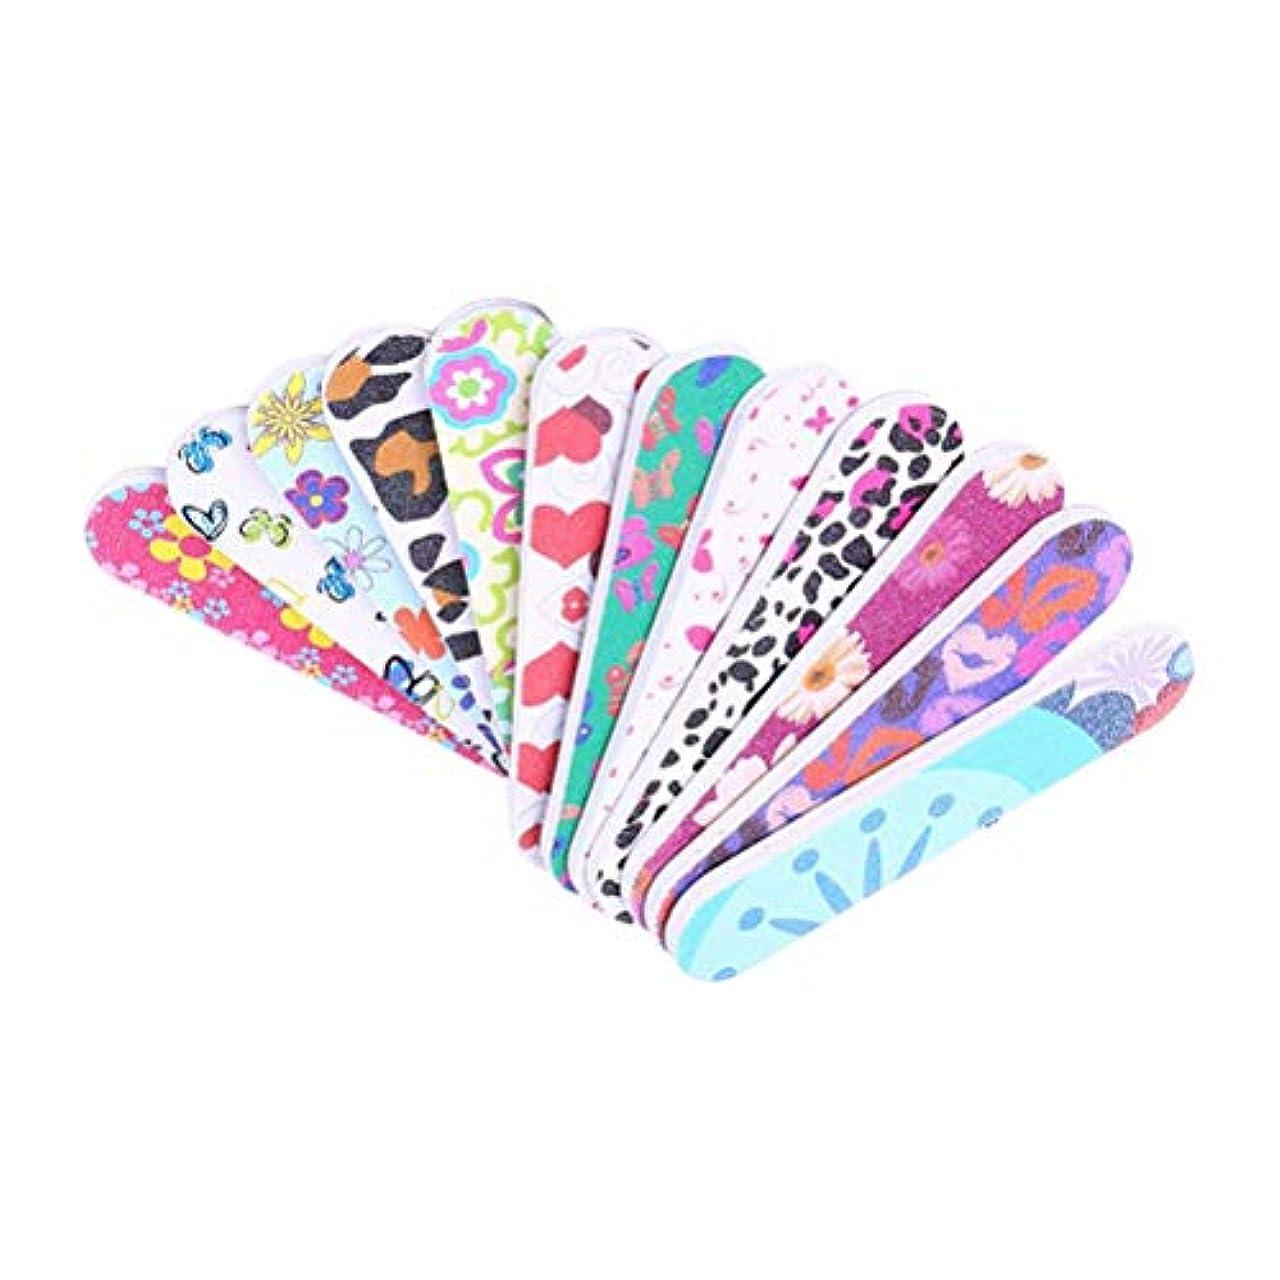 Frcolor 爪やすり 爪磨き 両面タイプ ネイルシャイナー お手入れ ネイルケア マニキュア ネイルファイル 50本セット(ランダム色)